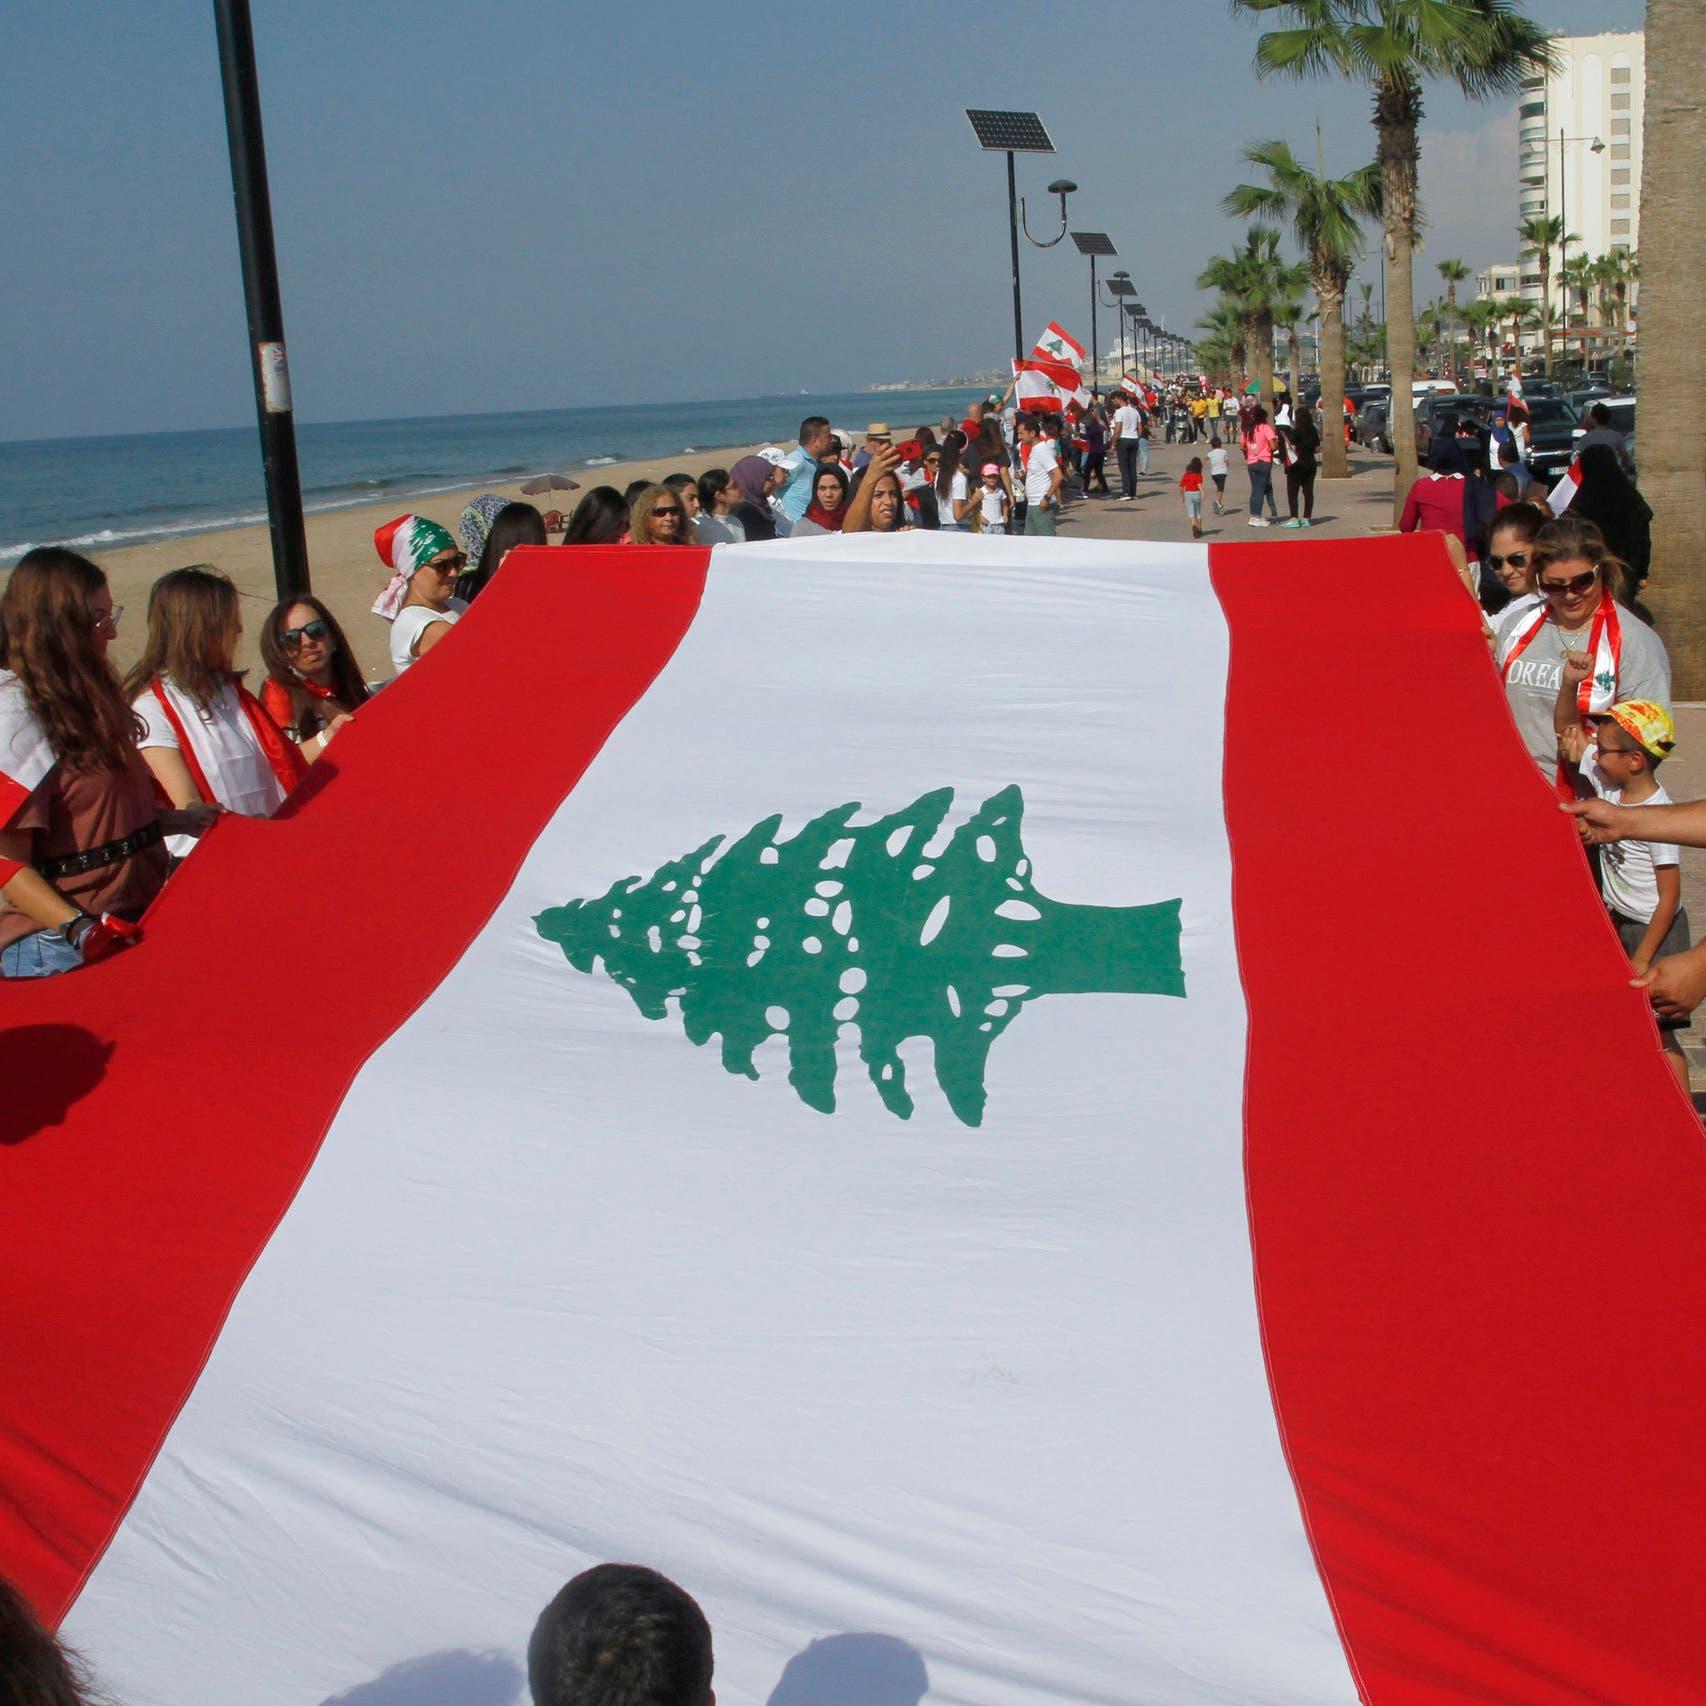 بعد ربط شمال لبنان بجنوبه.. المحتجون إلى وسط بيروت